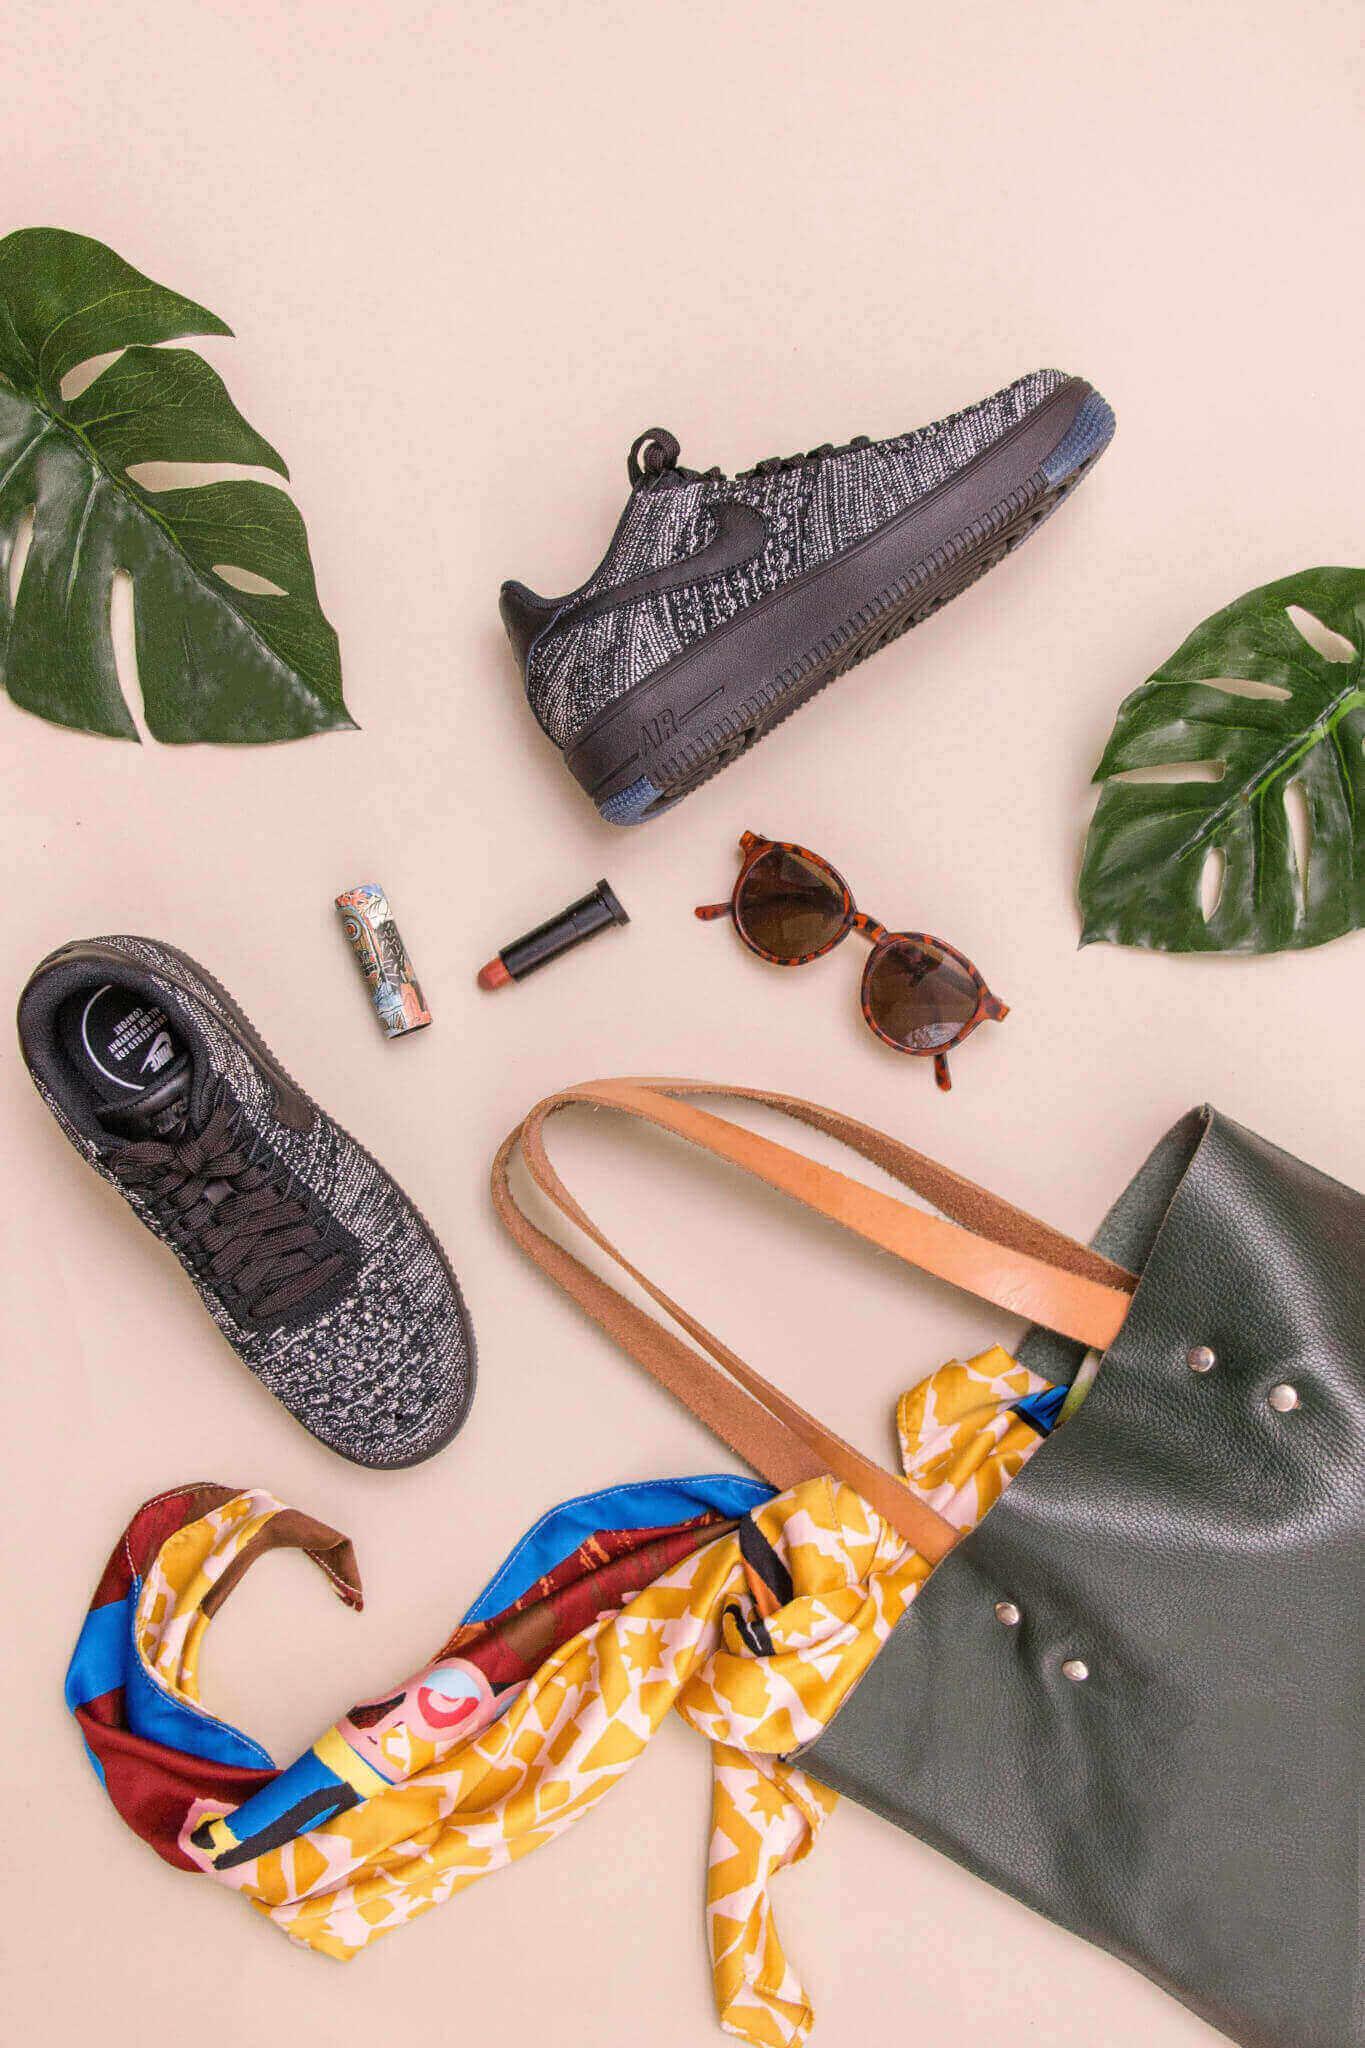 Produits de mode : chaussures, sac à main, lunettes de soleil